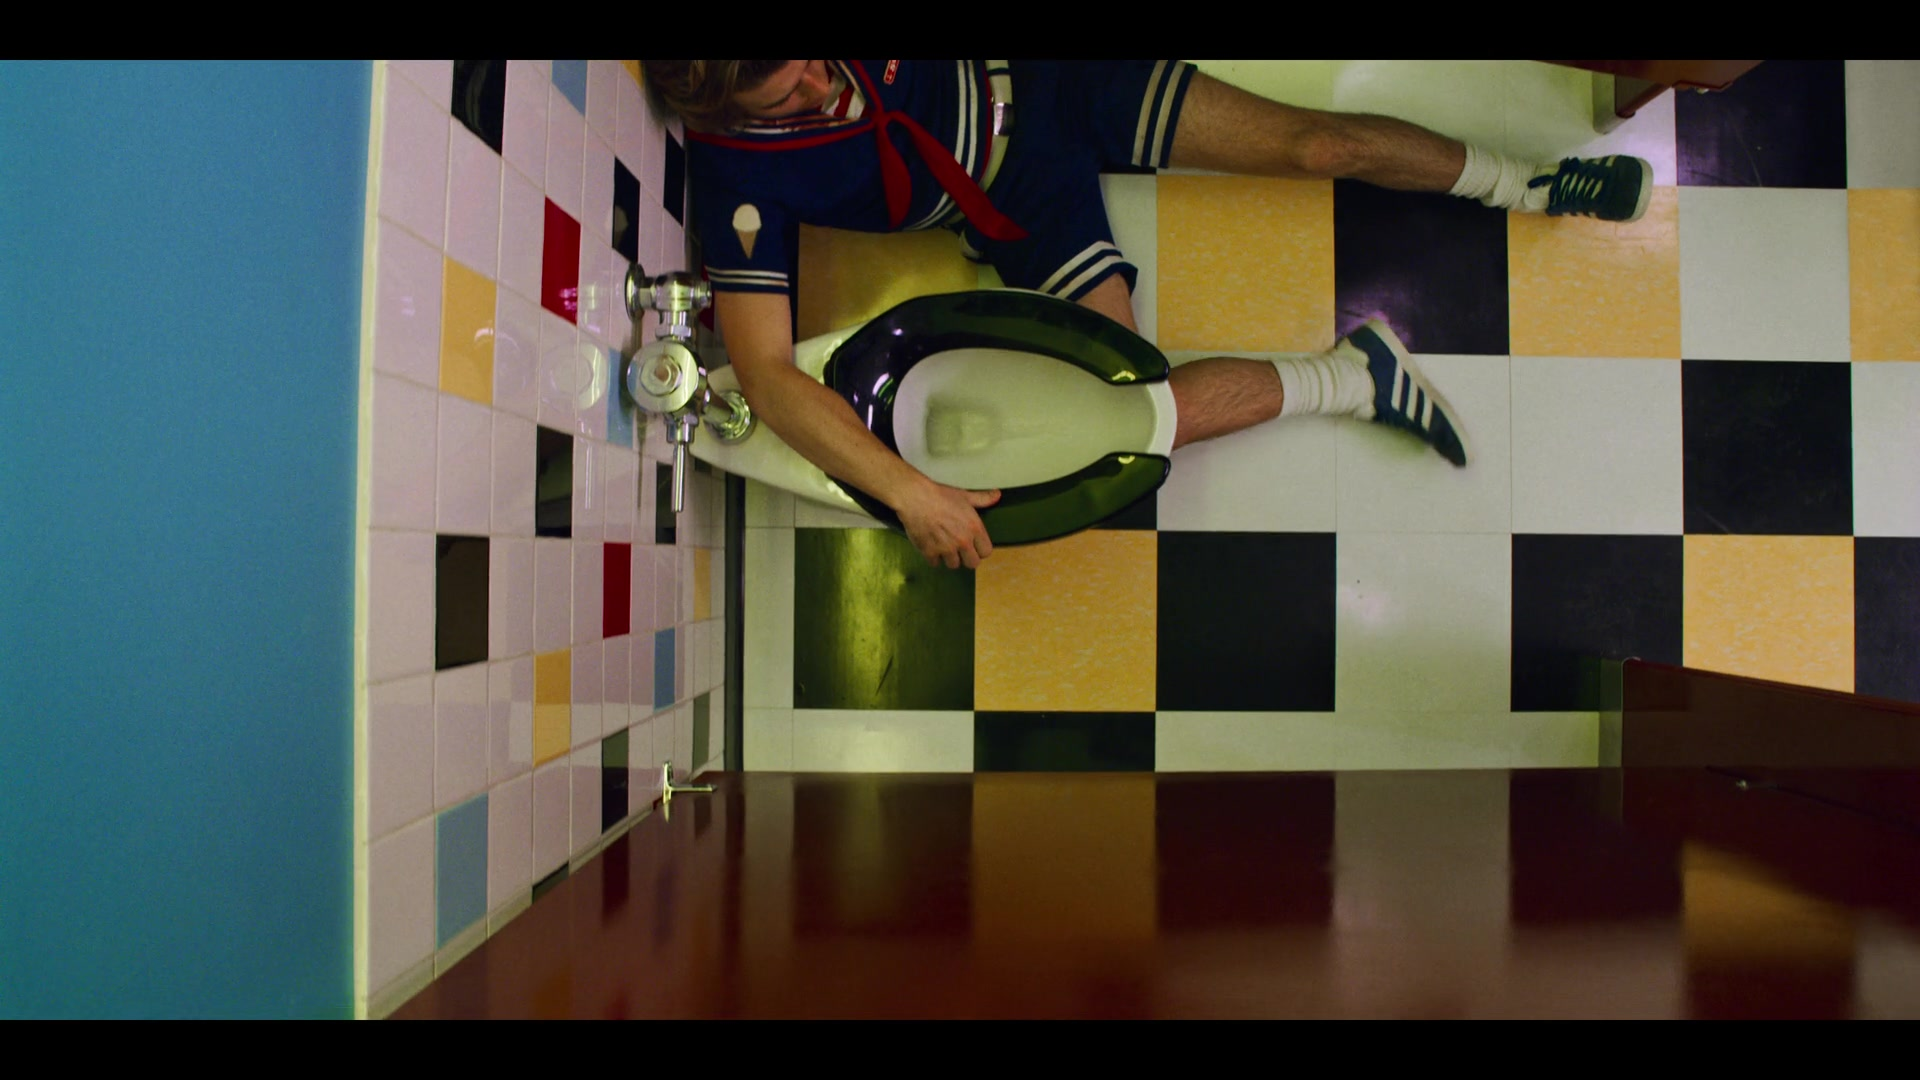 Adidas Shoes Worn by Joe Keery as Steve